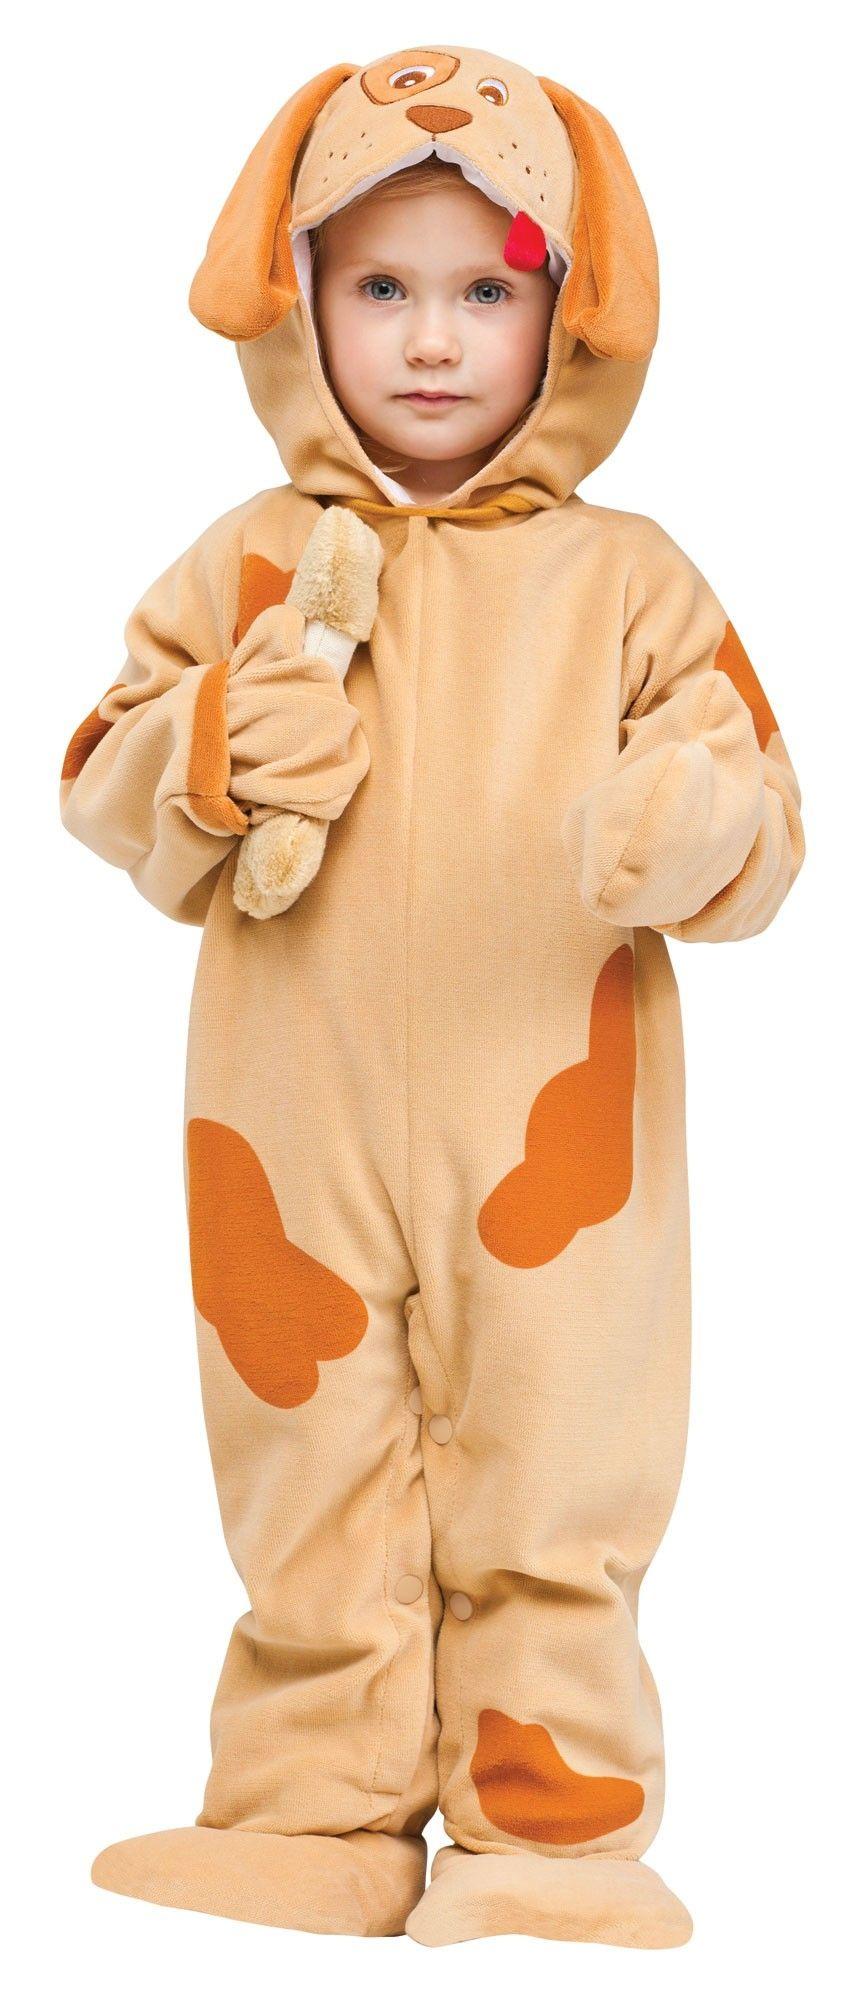 Детский костюм Игривого щенка (12) куплю щенка цвергшнауцера в екб январские 2012